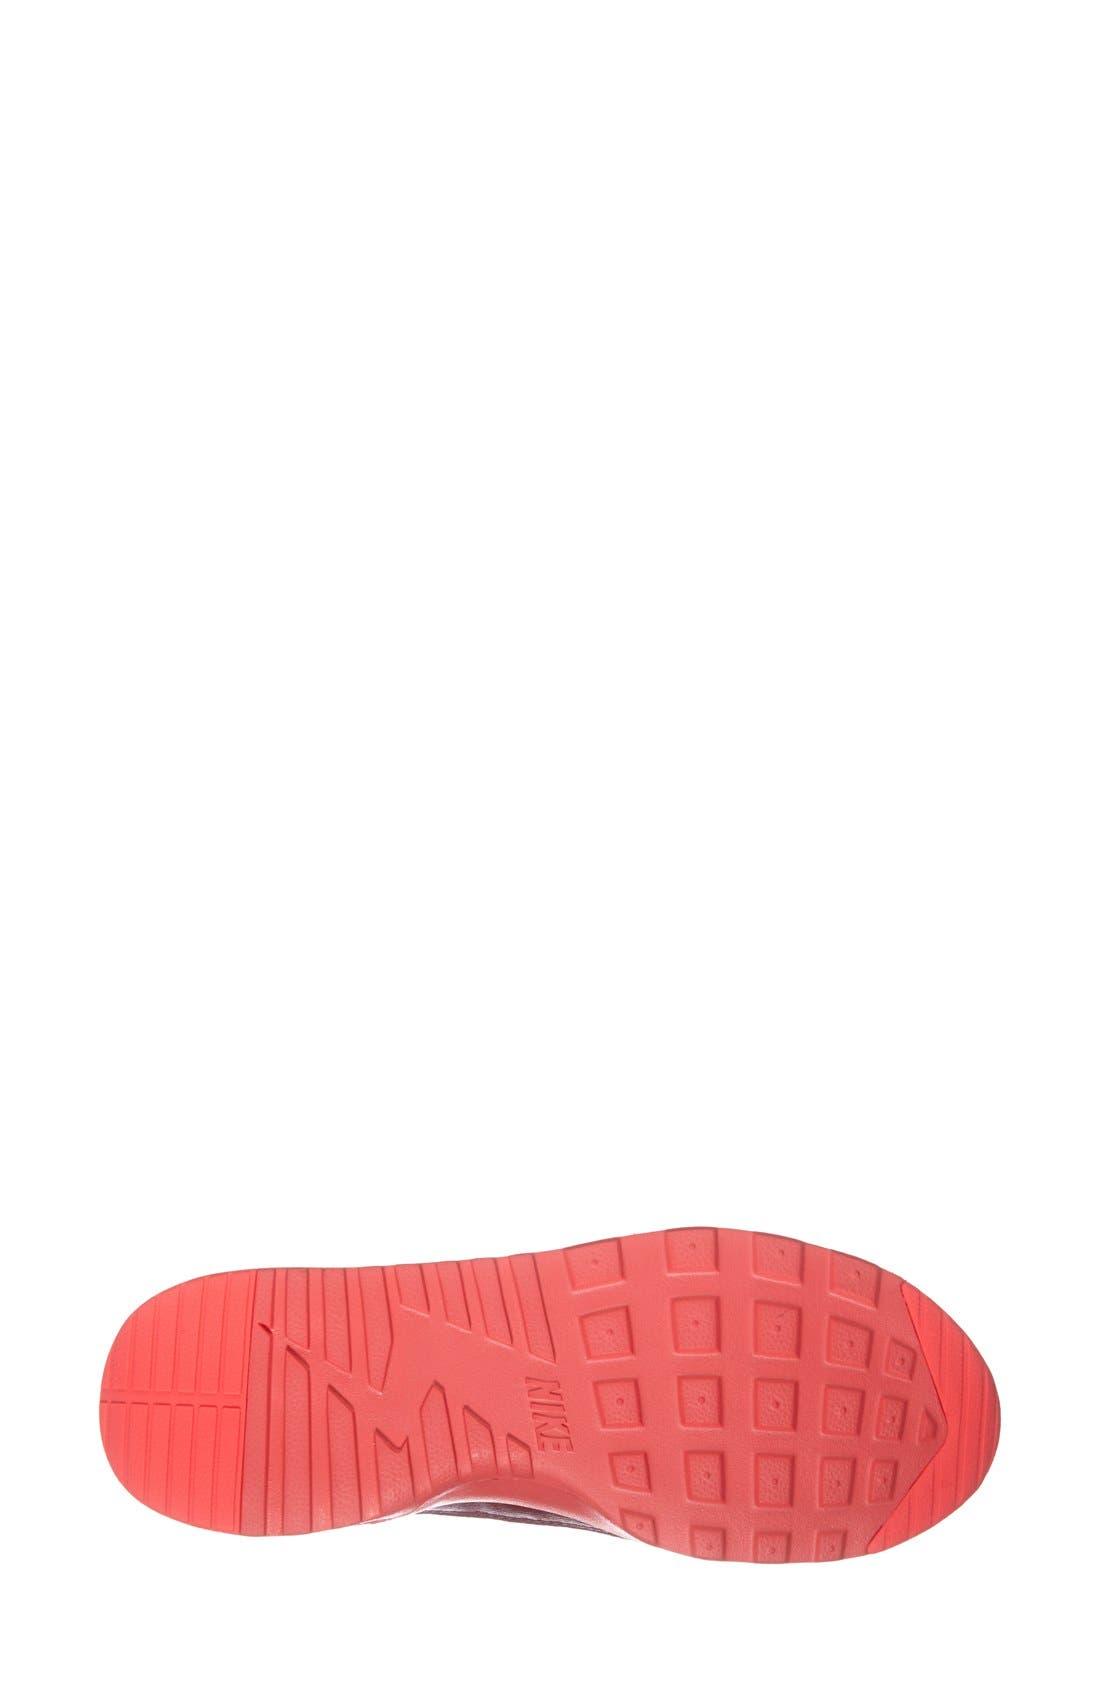 Alternate Image 4  - Nike 'Air Max Thea' Sneaker (Women)